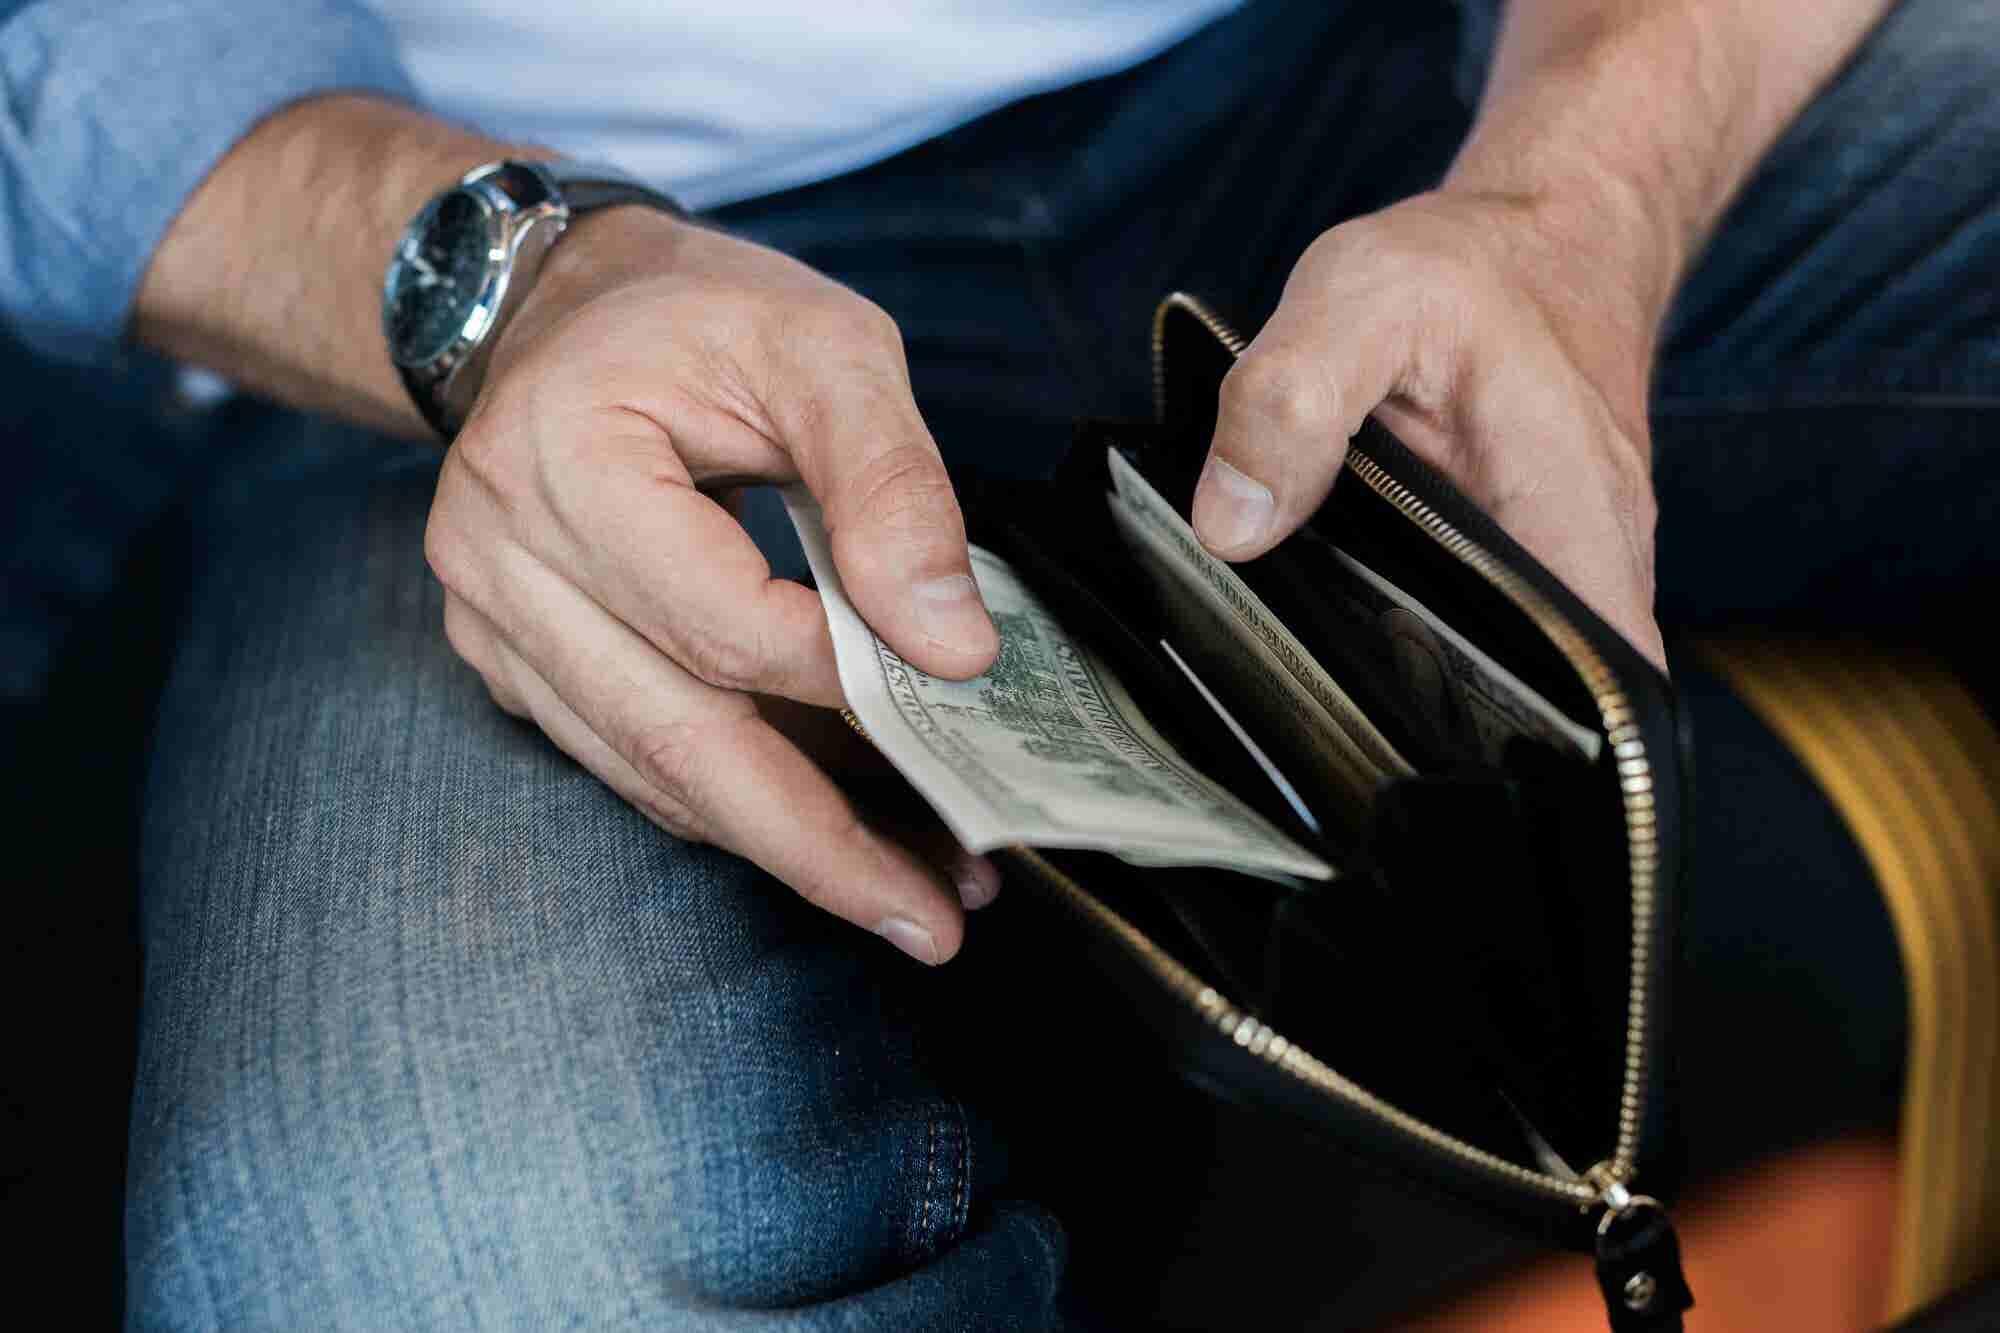 Estos 3 simples pasos me ayudaron a triplicar mis ingresos en un mes